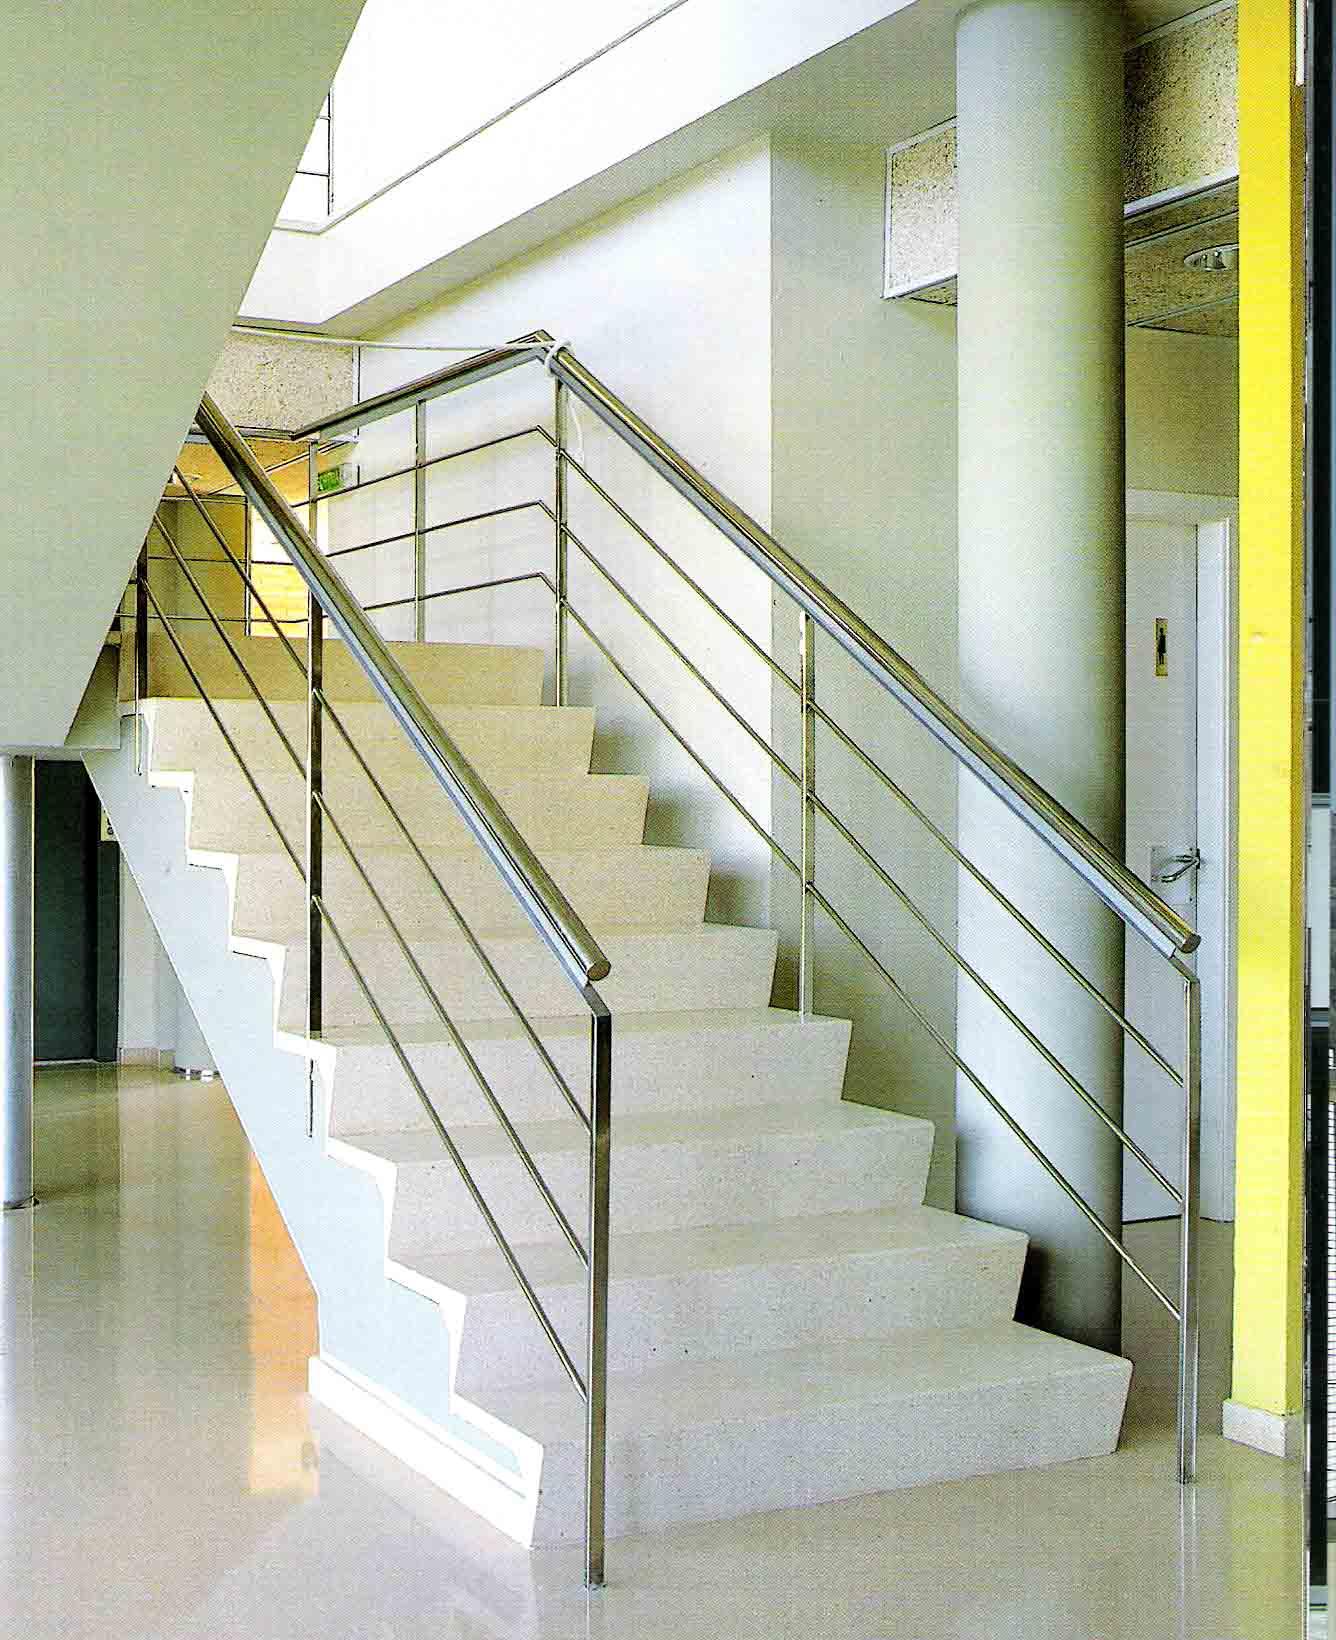 Acero inoxidable manyametal carpinteria de aluminio for Barandillas de acero inoxidable y cristal